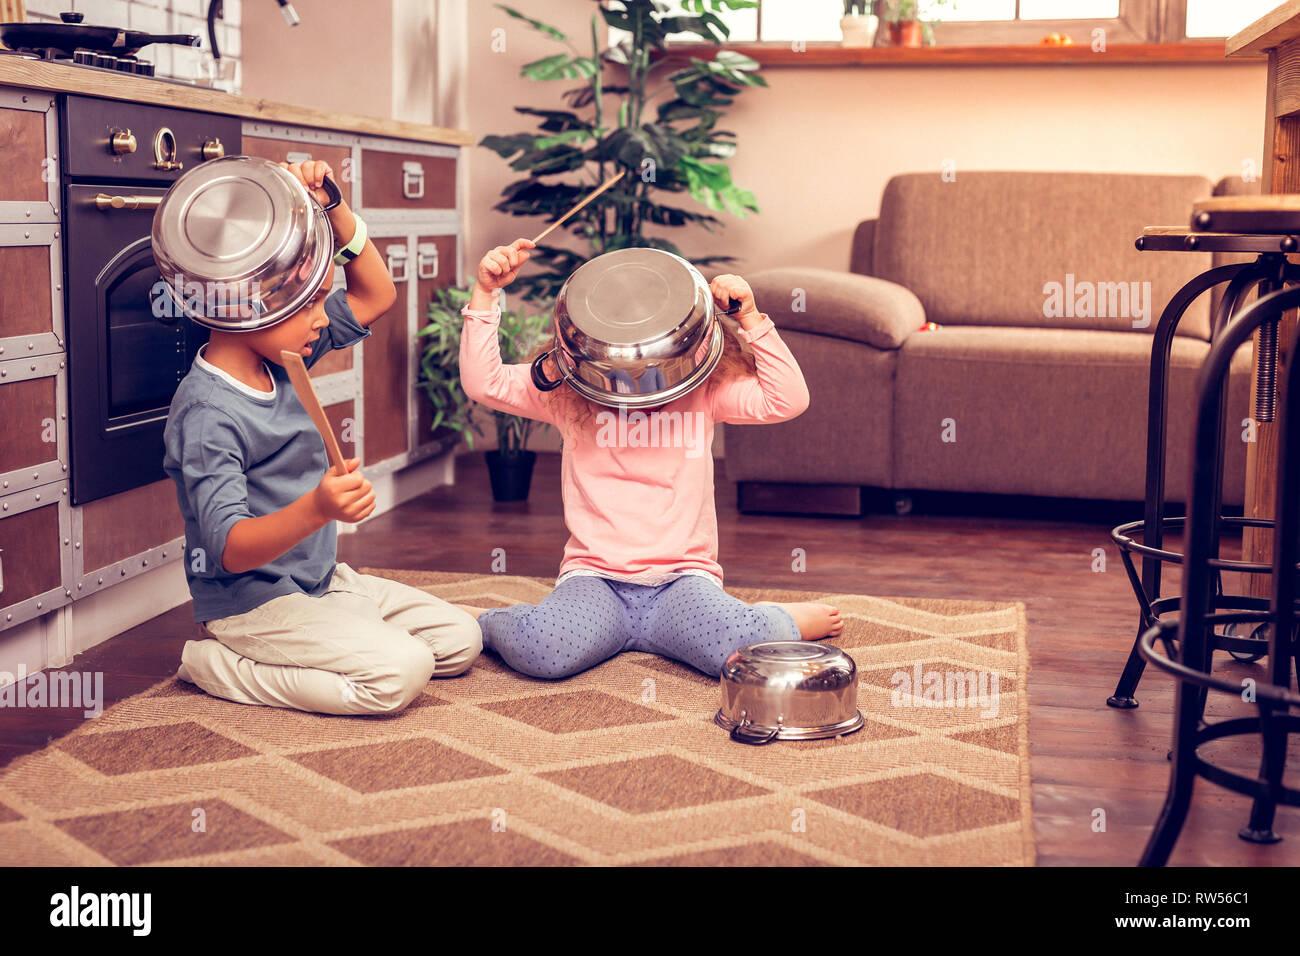 Entspannt spielen zu Hause mit Küchenutensilien Stockfoto